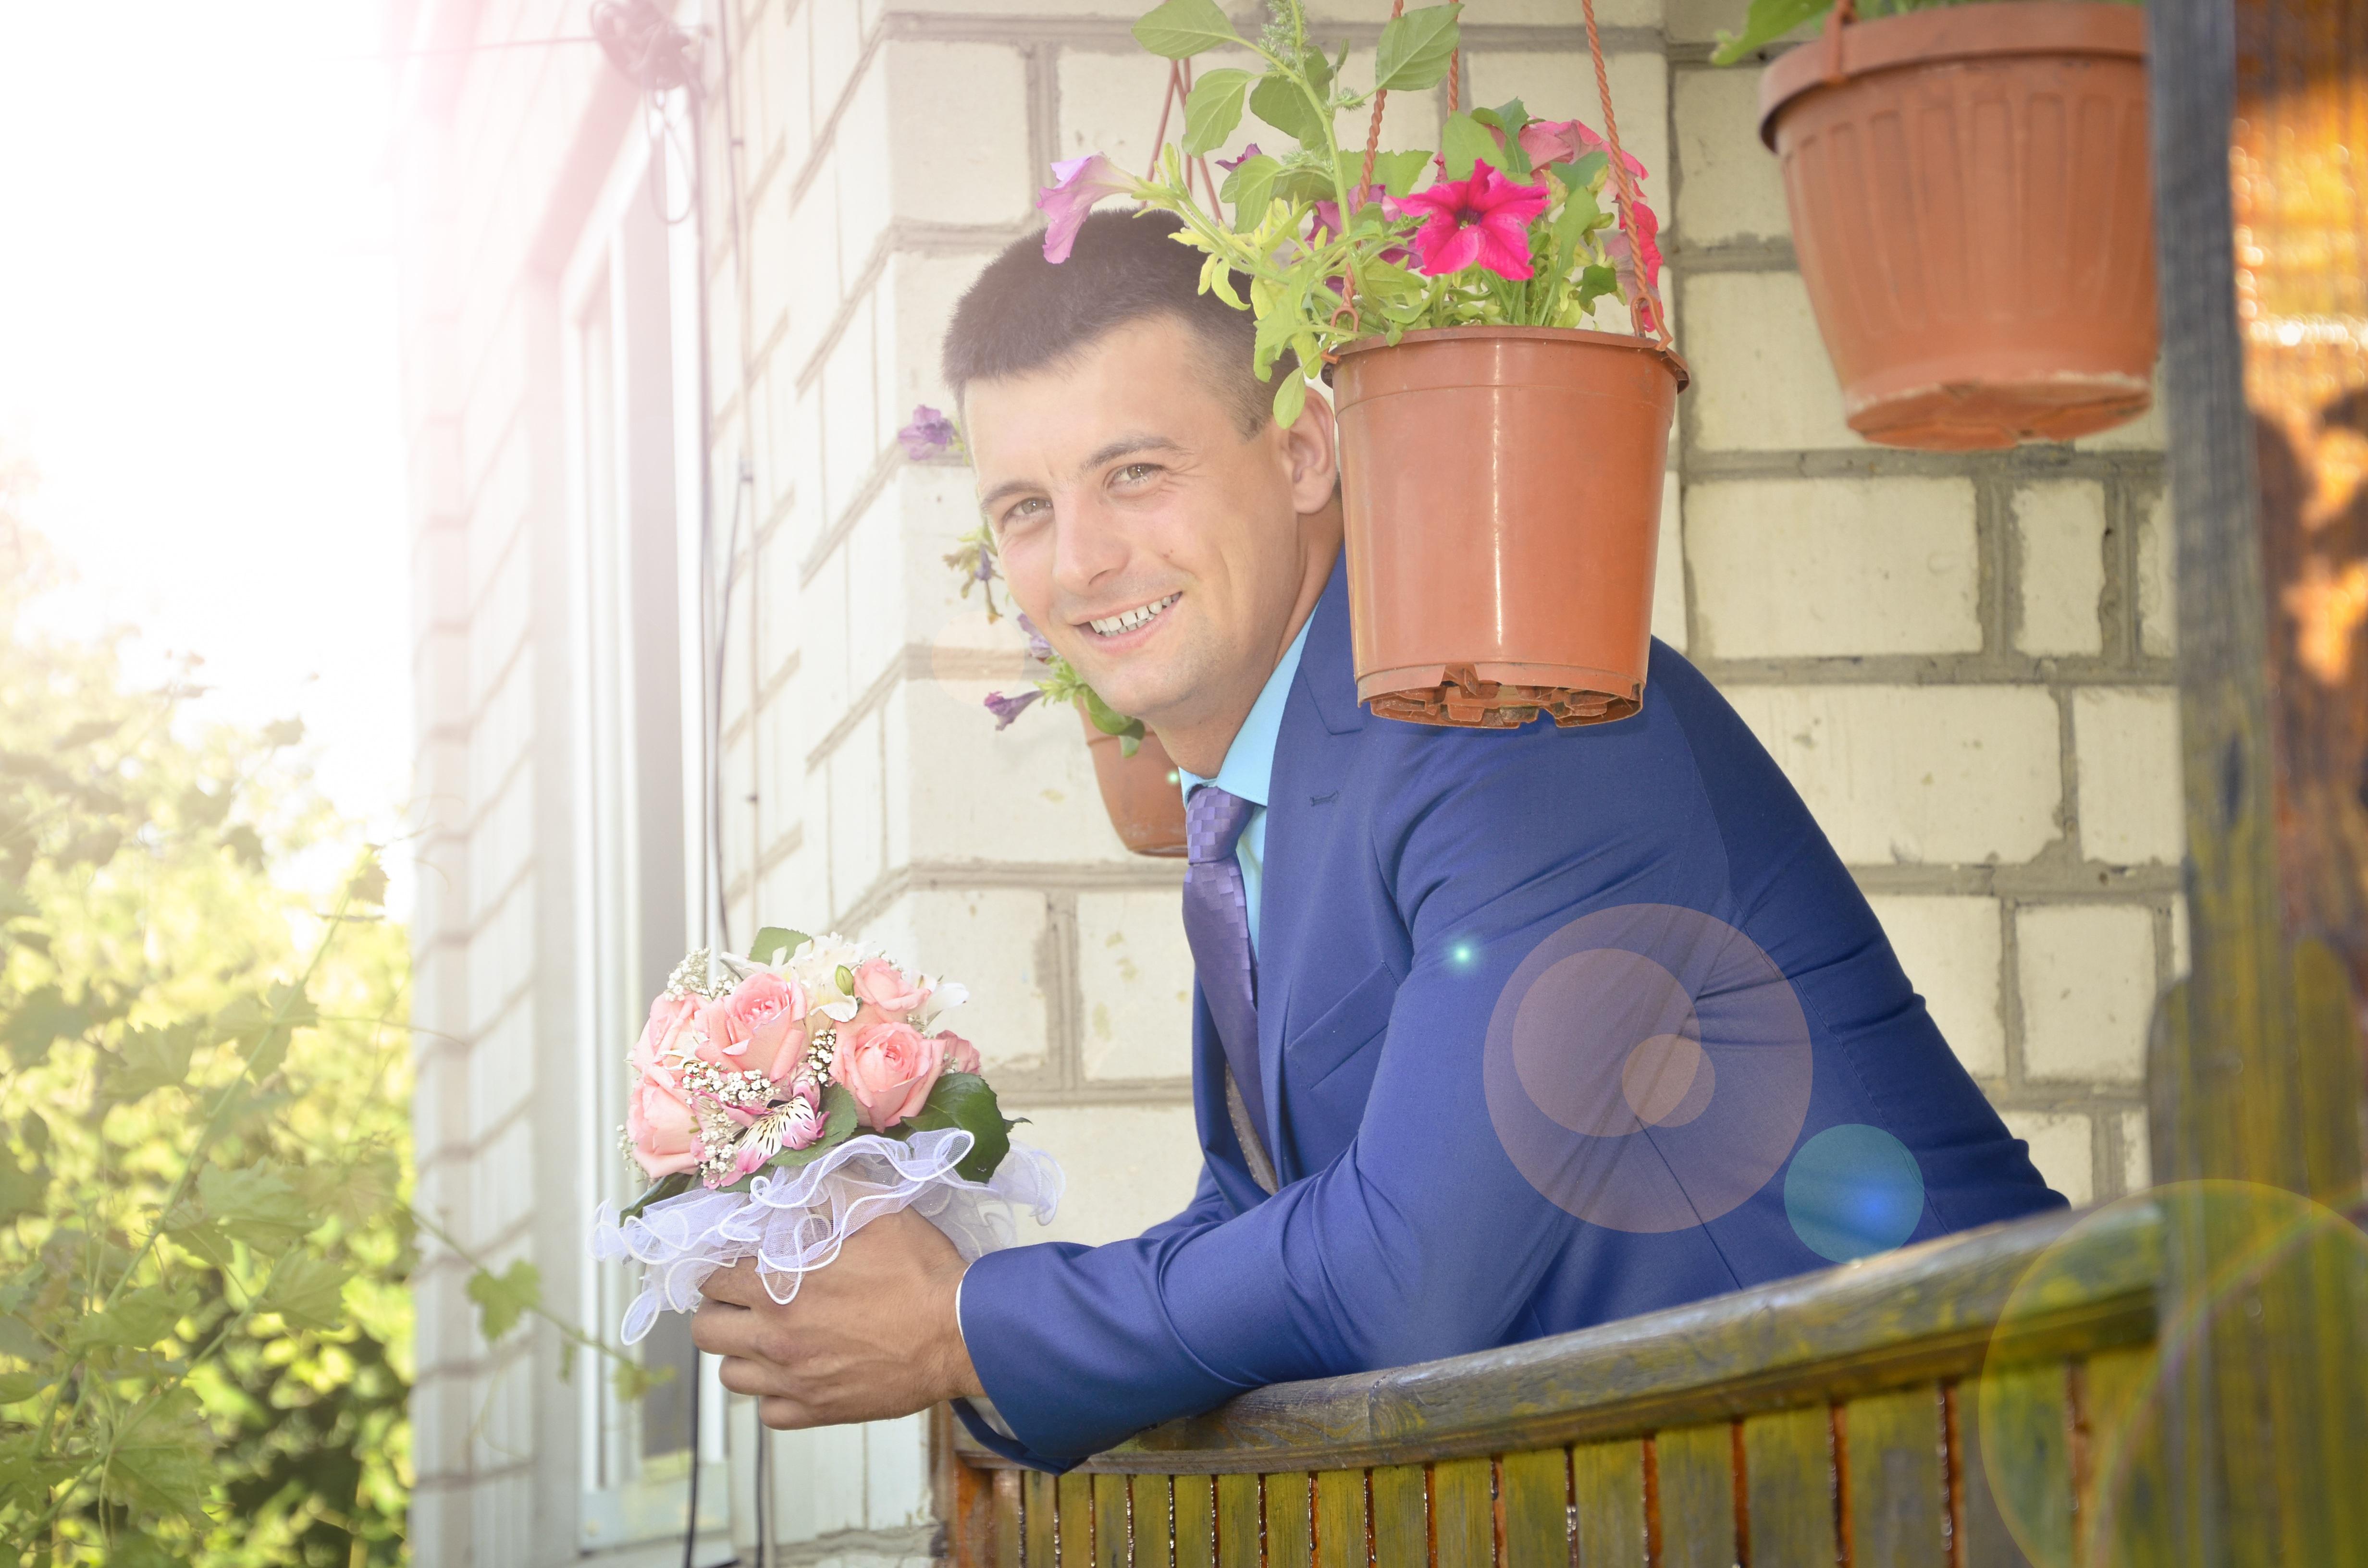 Gratis Afbeeldingen Huwelijk : Gratis afbeeldingen man pak bloem liefde huwelijk